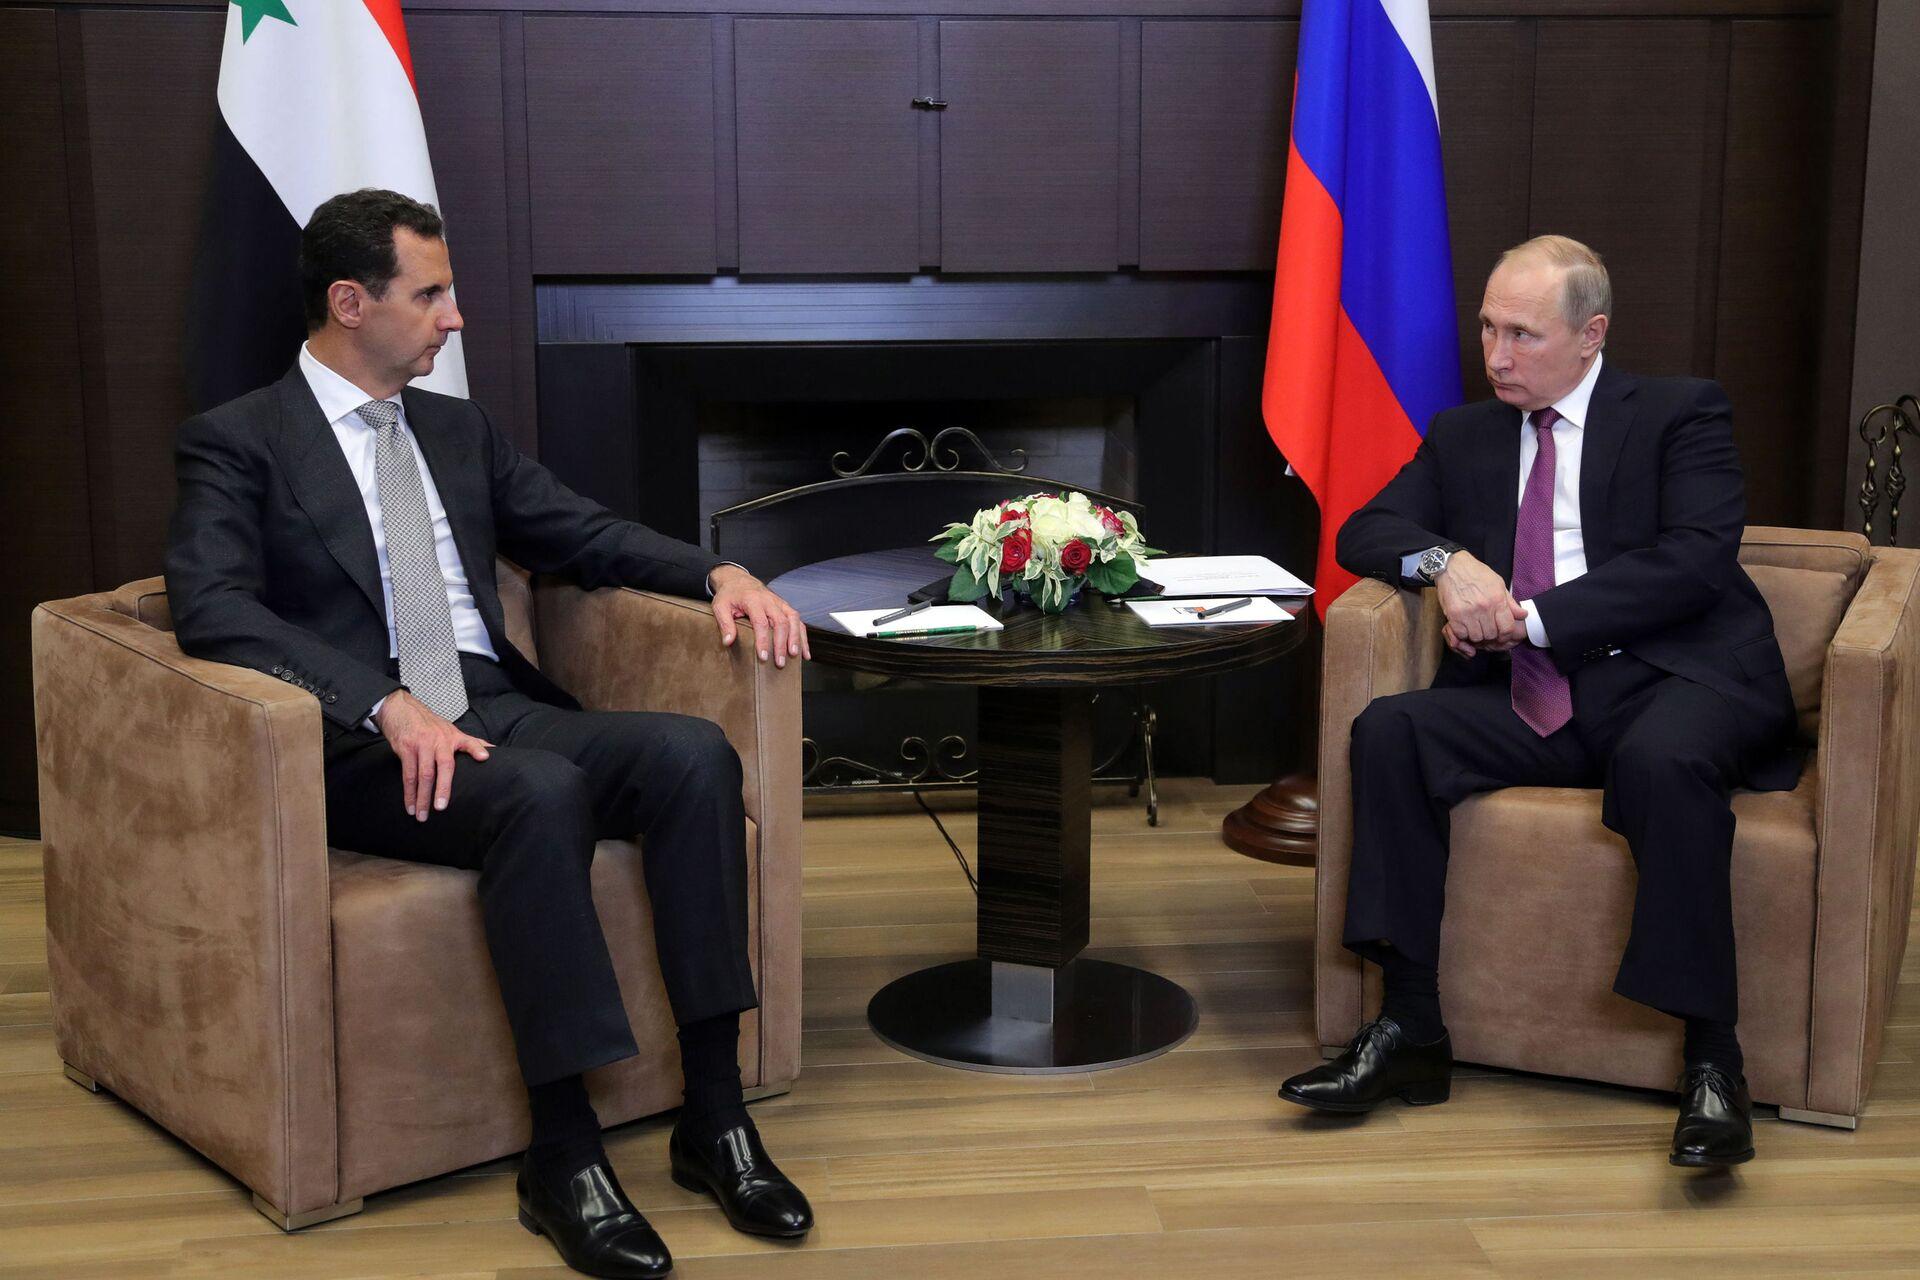 Президент РФ Владимир Путин и президент Сирии Башар Асад во время встречи - РИА Новости, 1920, 28.09.2020